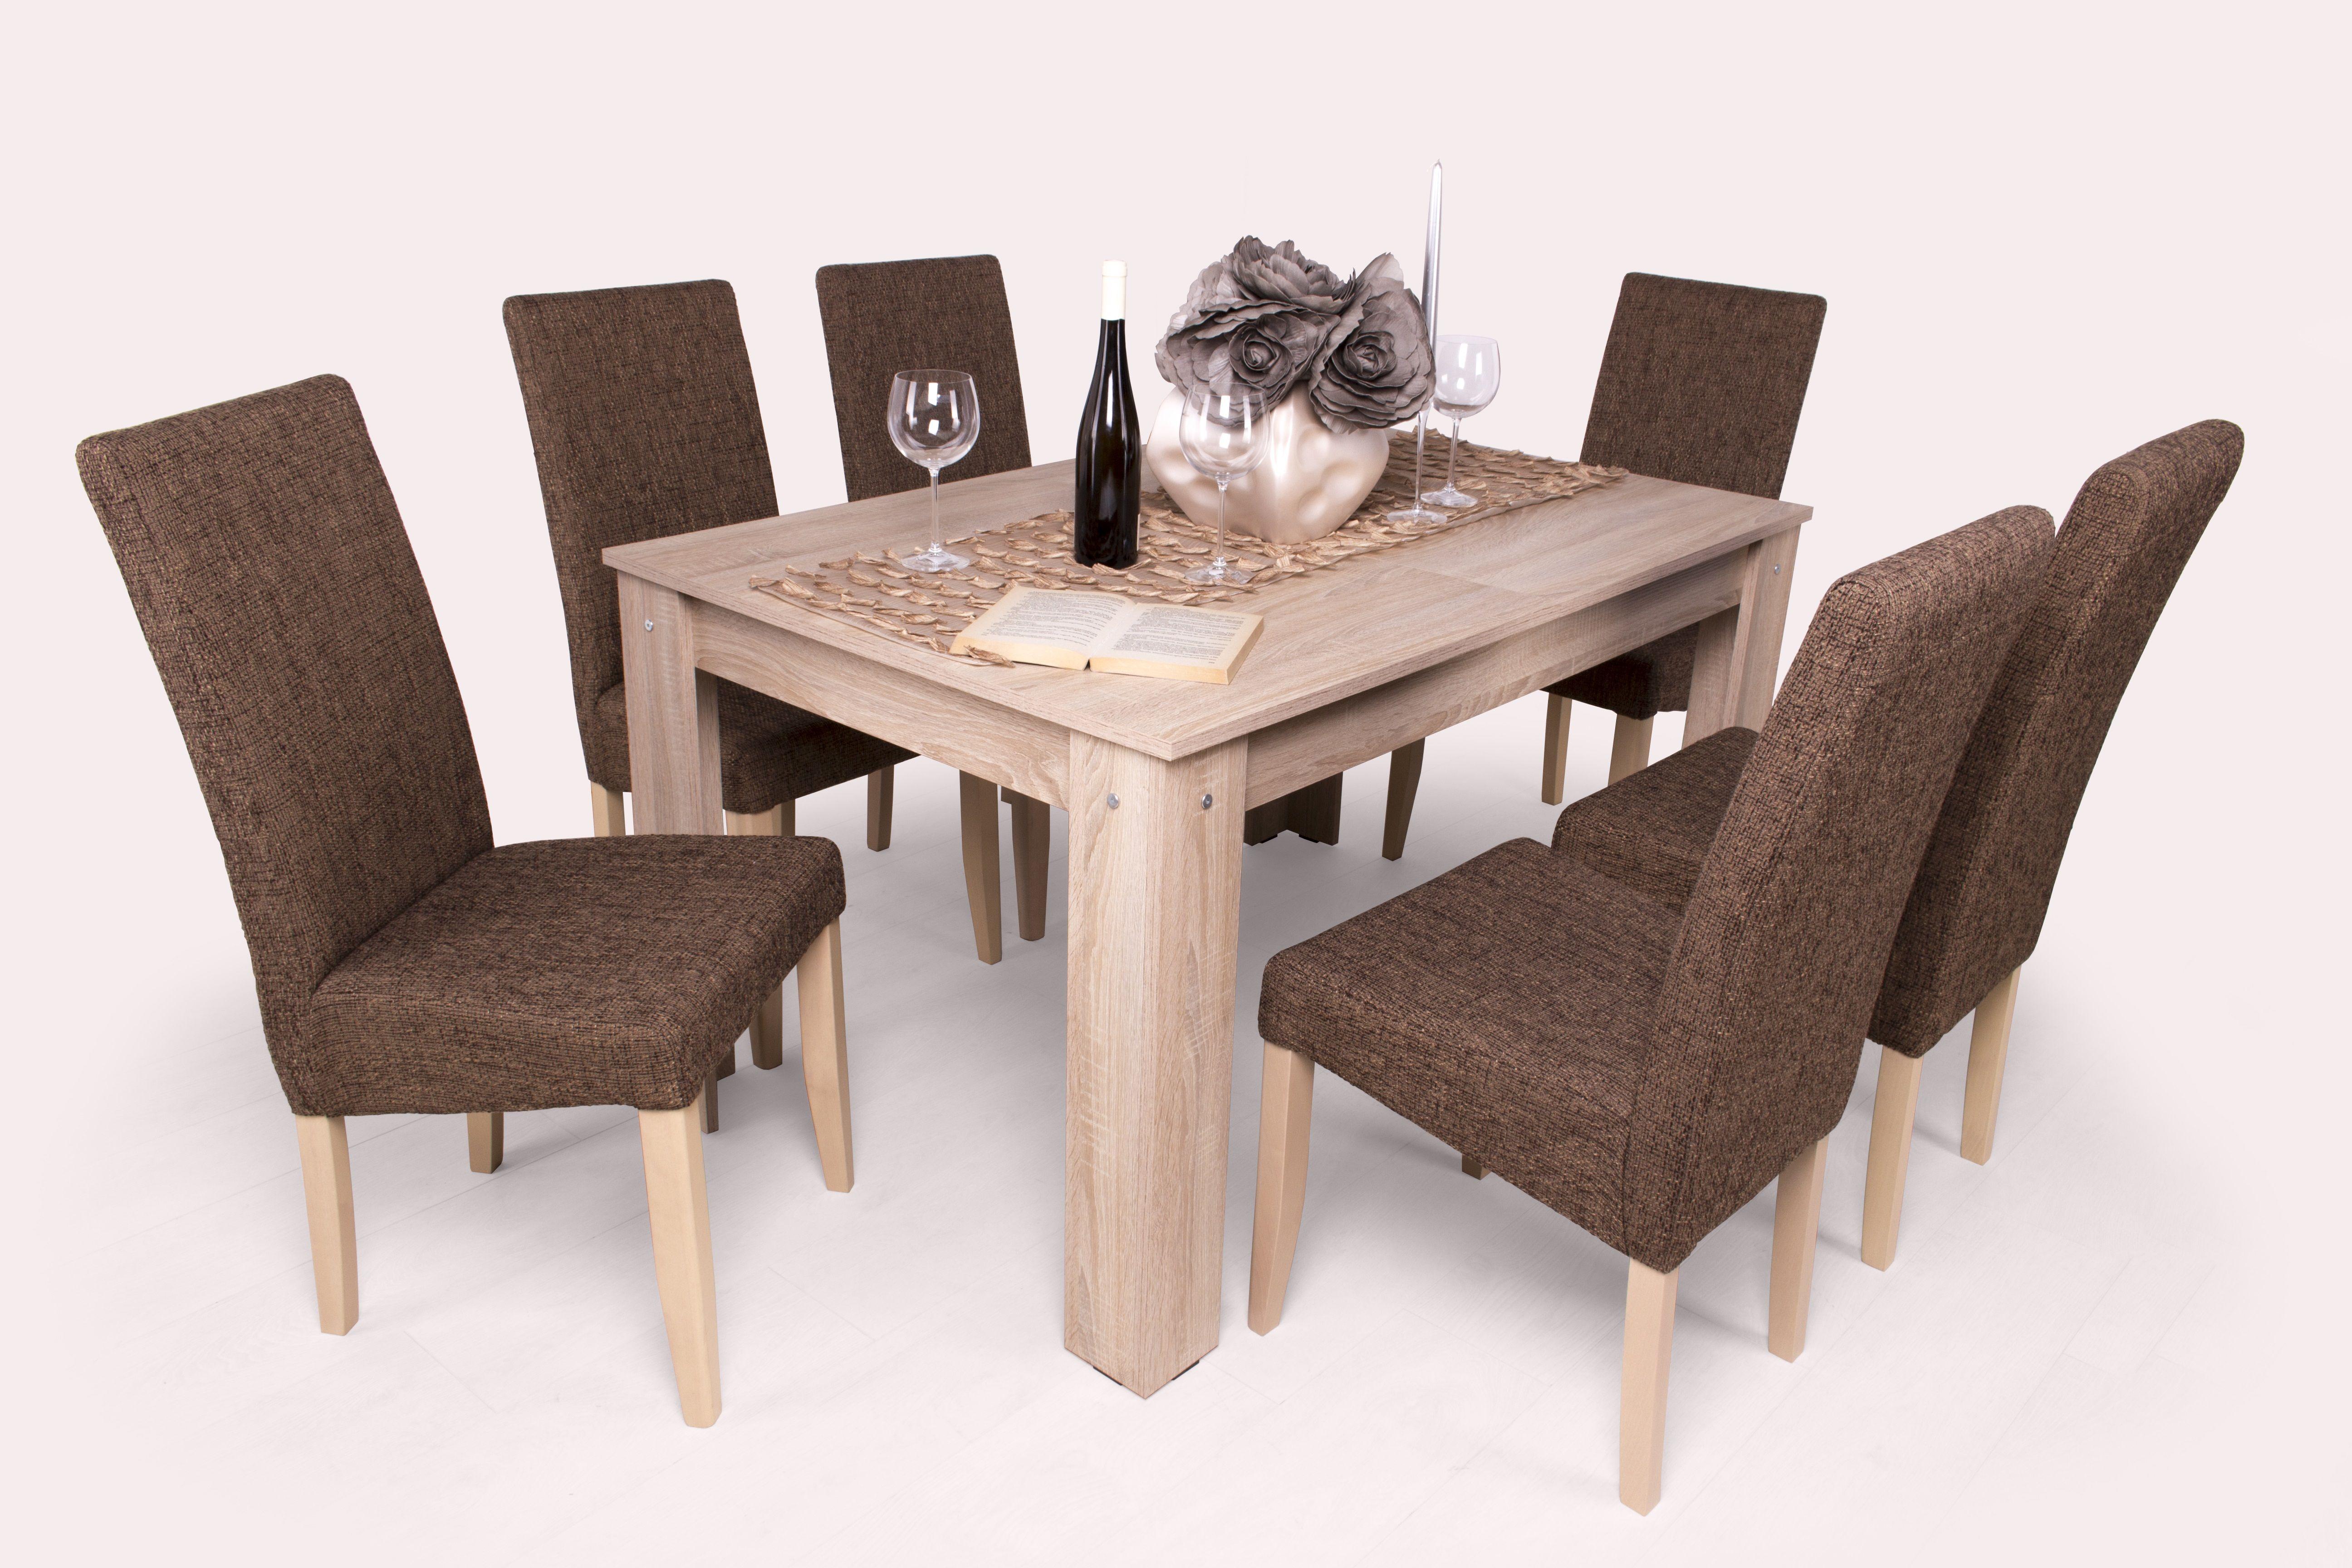 Berta étkező Félix asztallal (6 személyes) l http